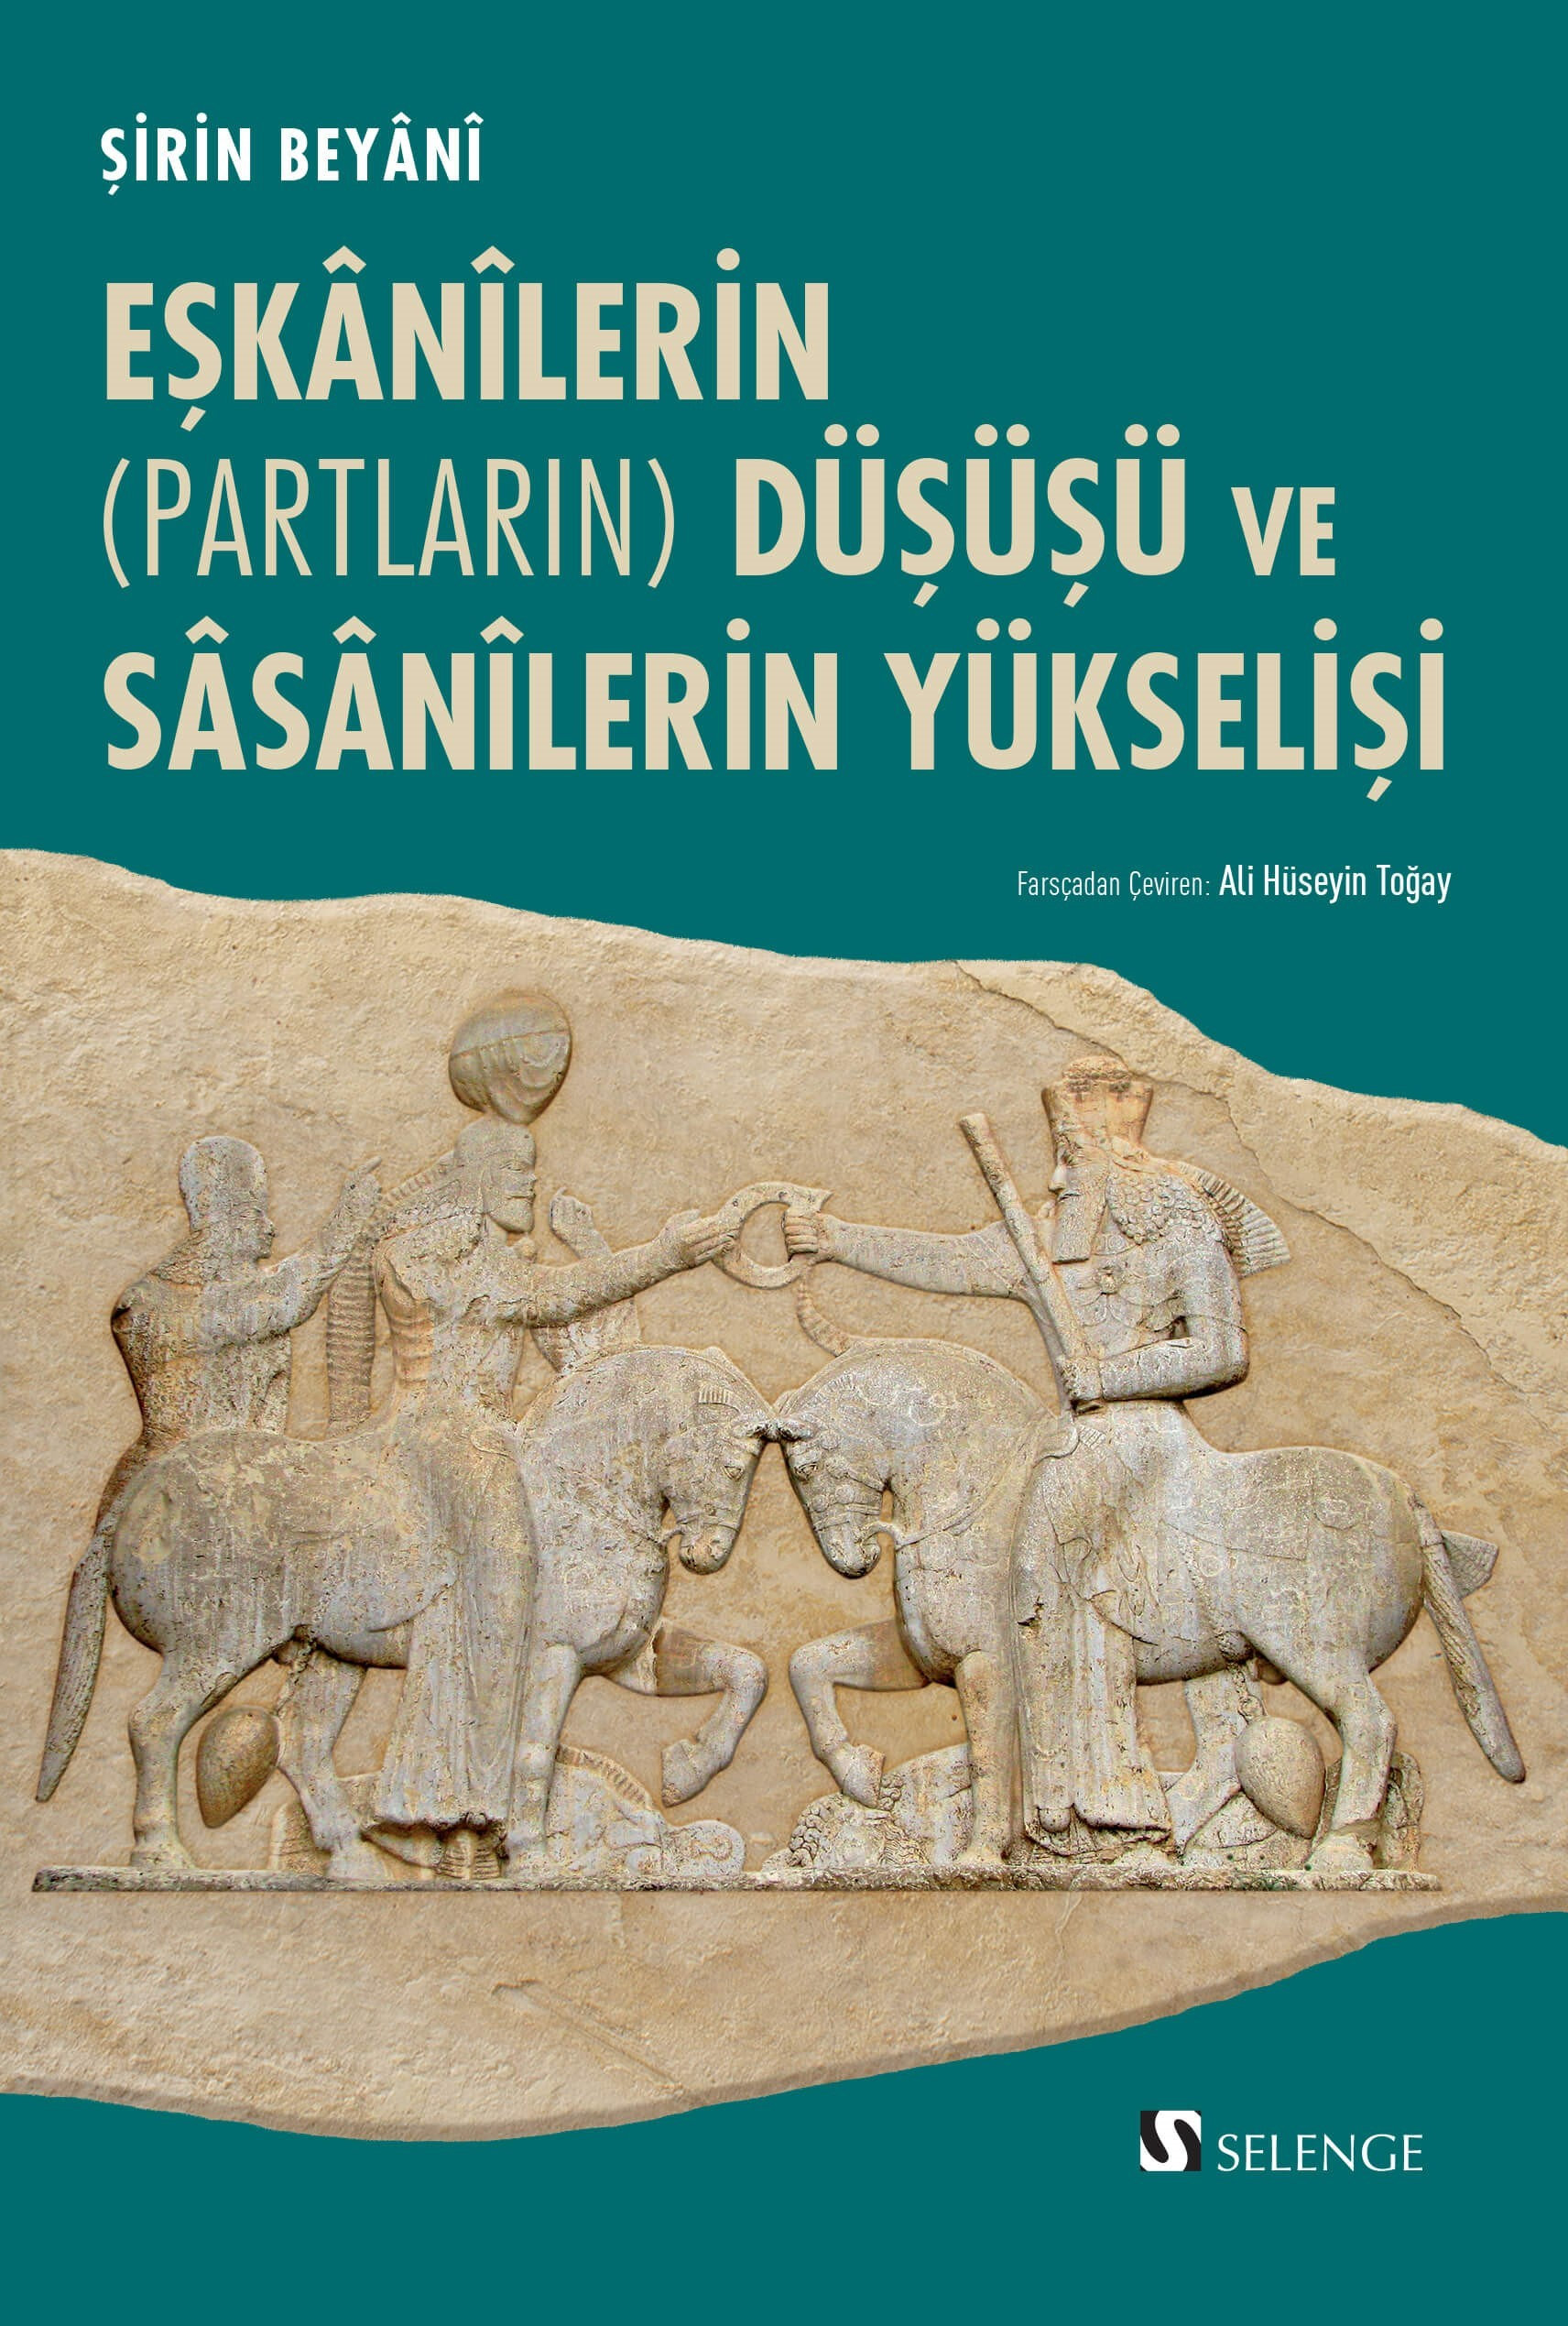 Eşkanilerin (Partların) Düşüşü ve Sasanilerin Yükselişi